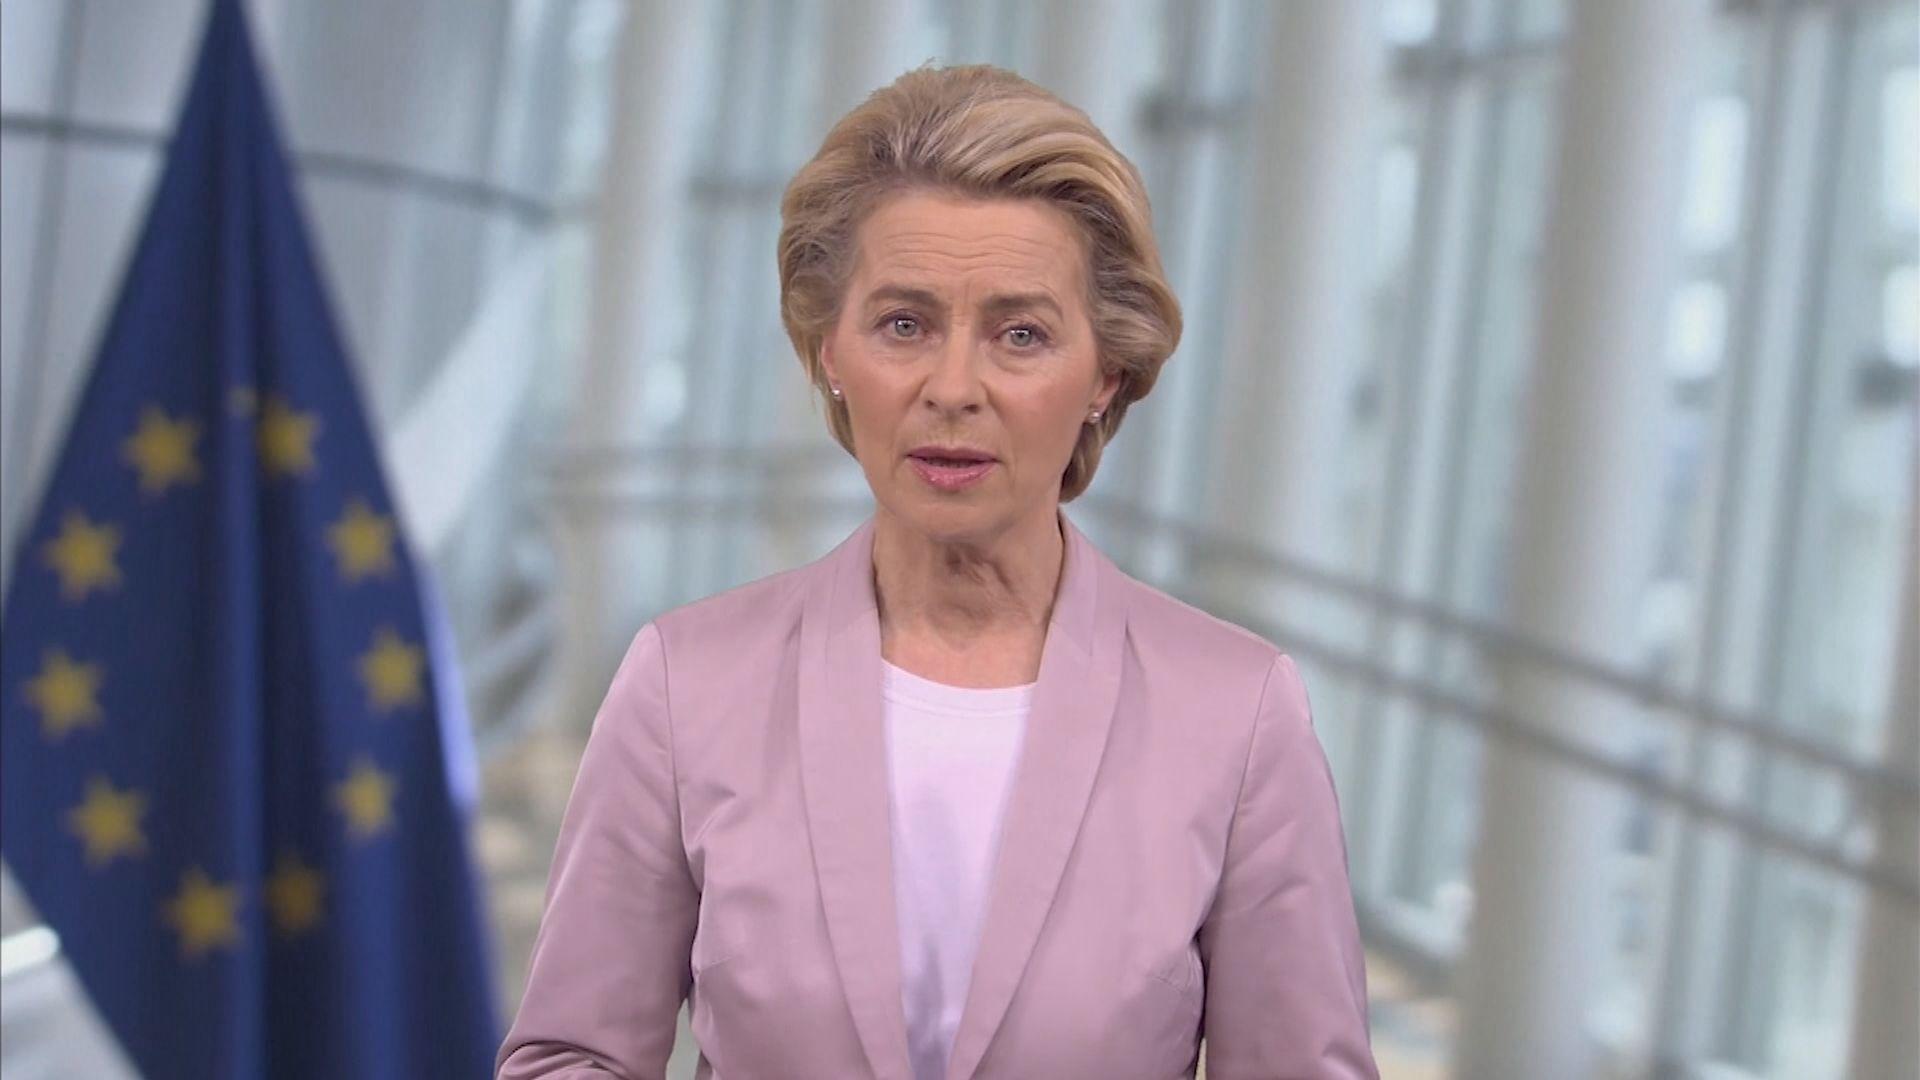 歐盟委員會主席早前接觸過確診患者 需自我隔離